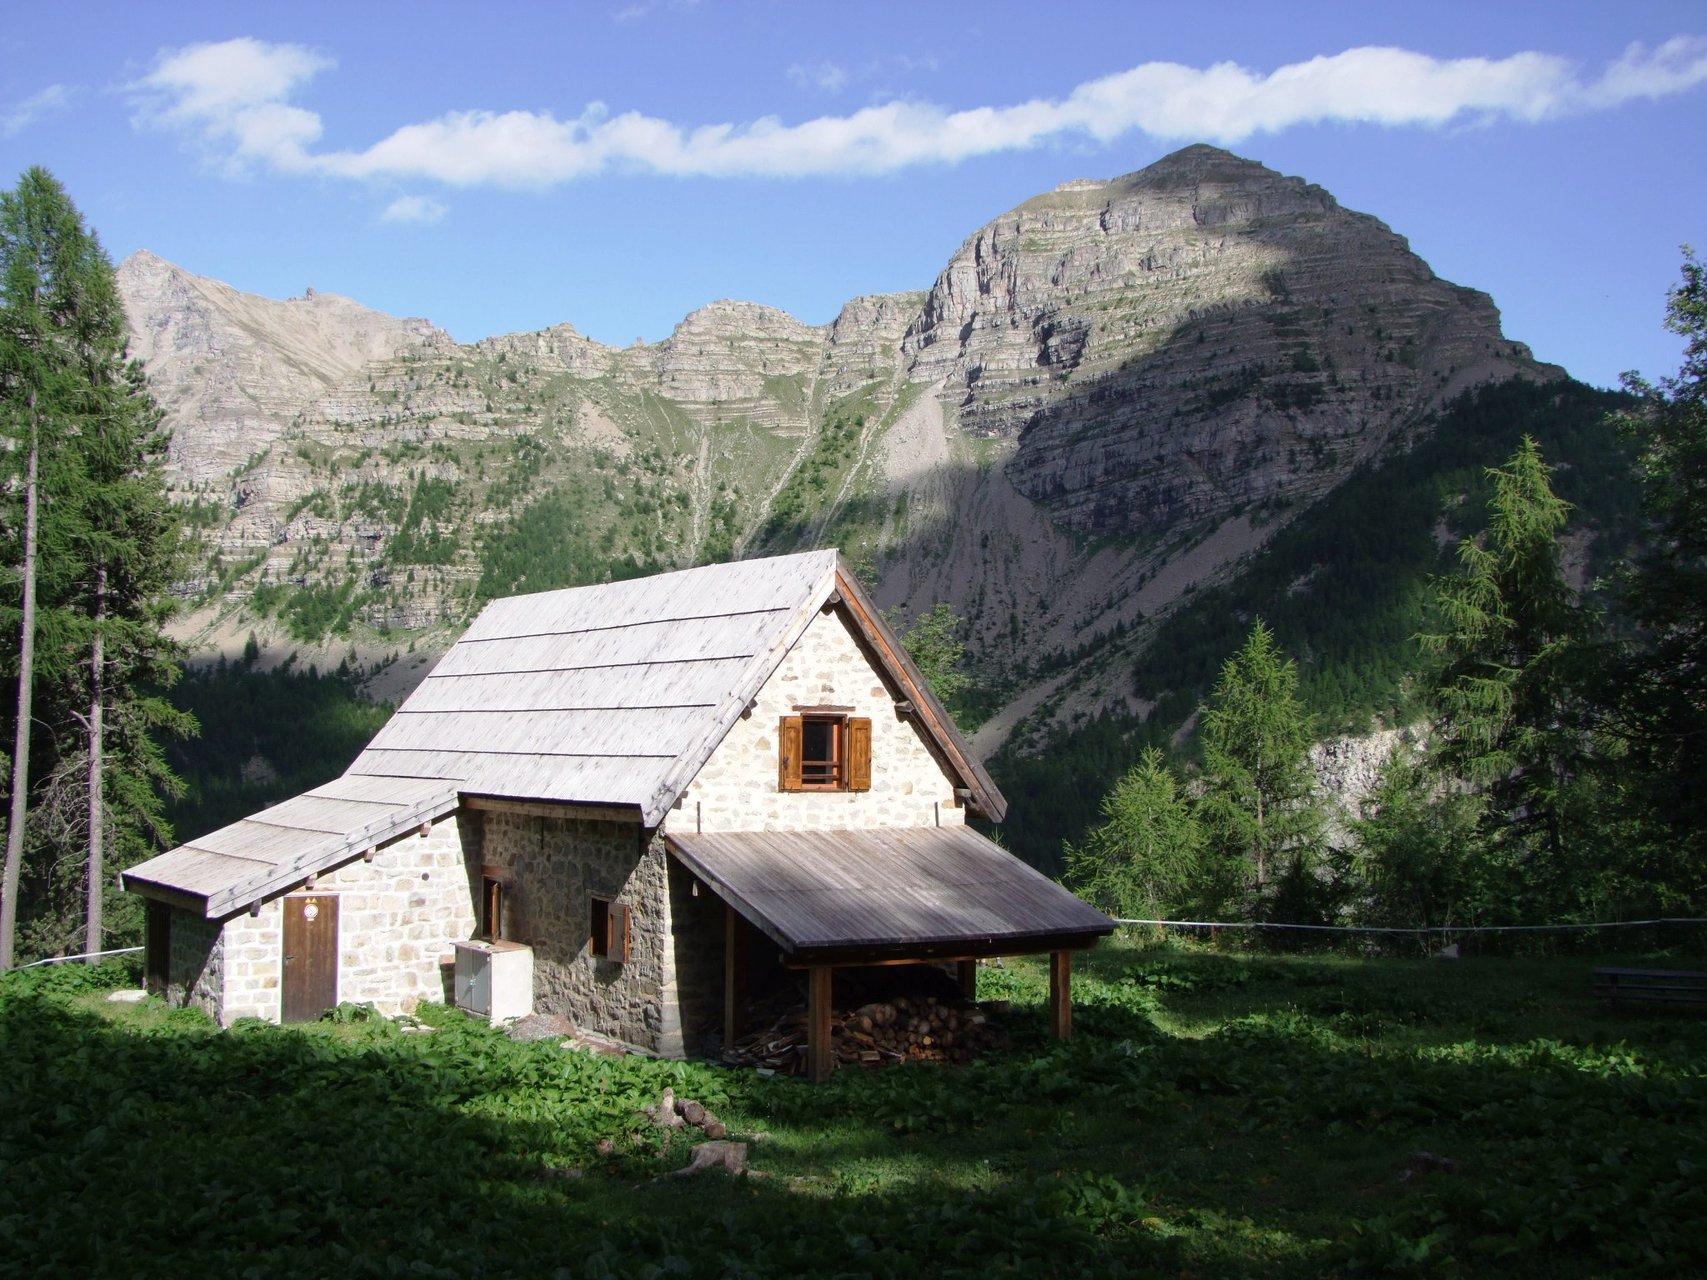 Etienne trautmann alpes gap accompagnateur en montagne directmountain - Entraunes office tourisme ...